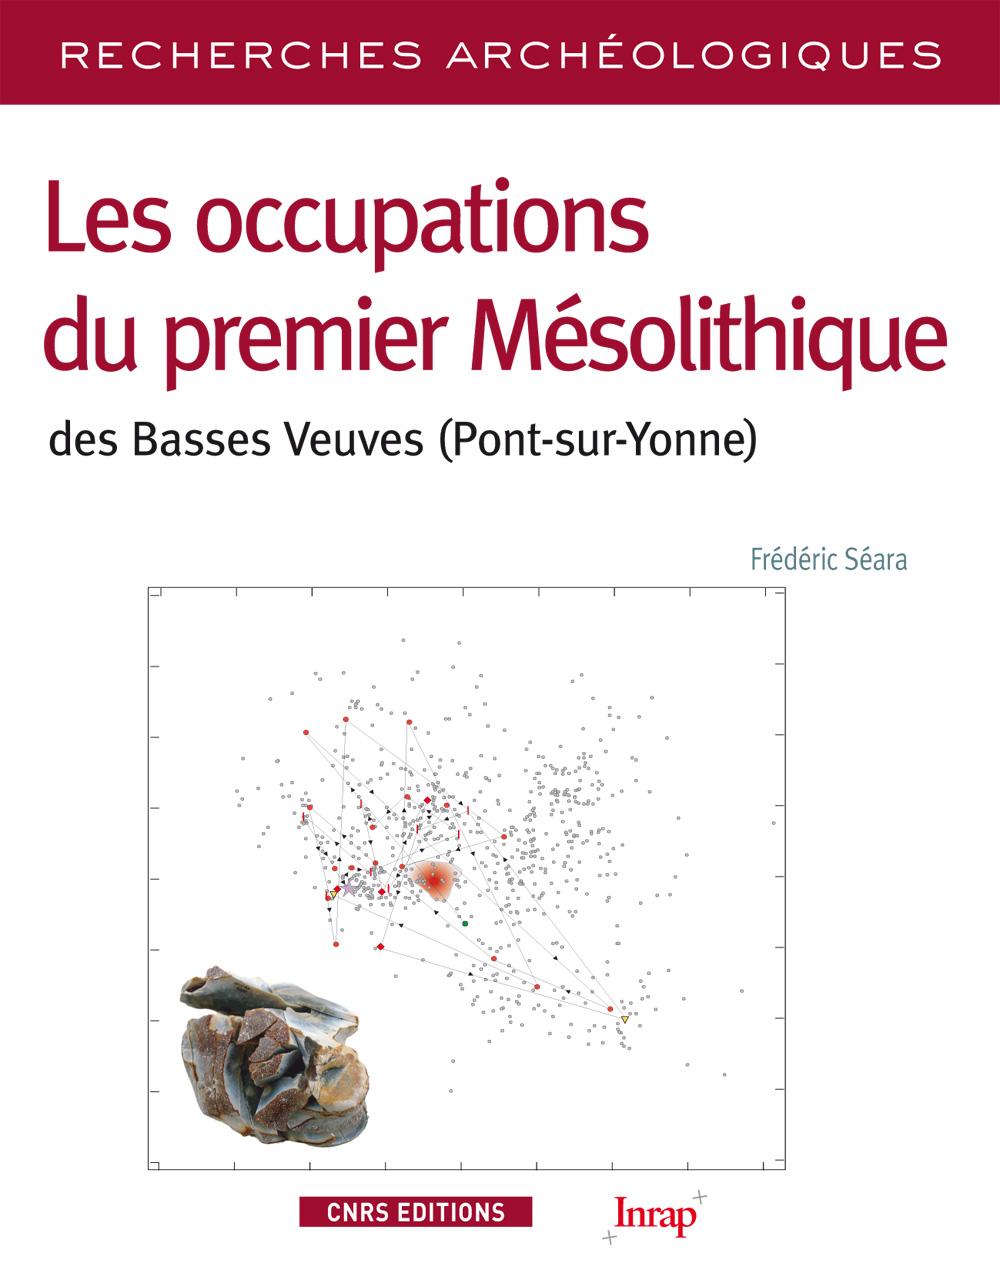 Les occupations du premier Mésolithique des Basses Veuves (Pont-sur-Yonne)